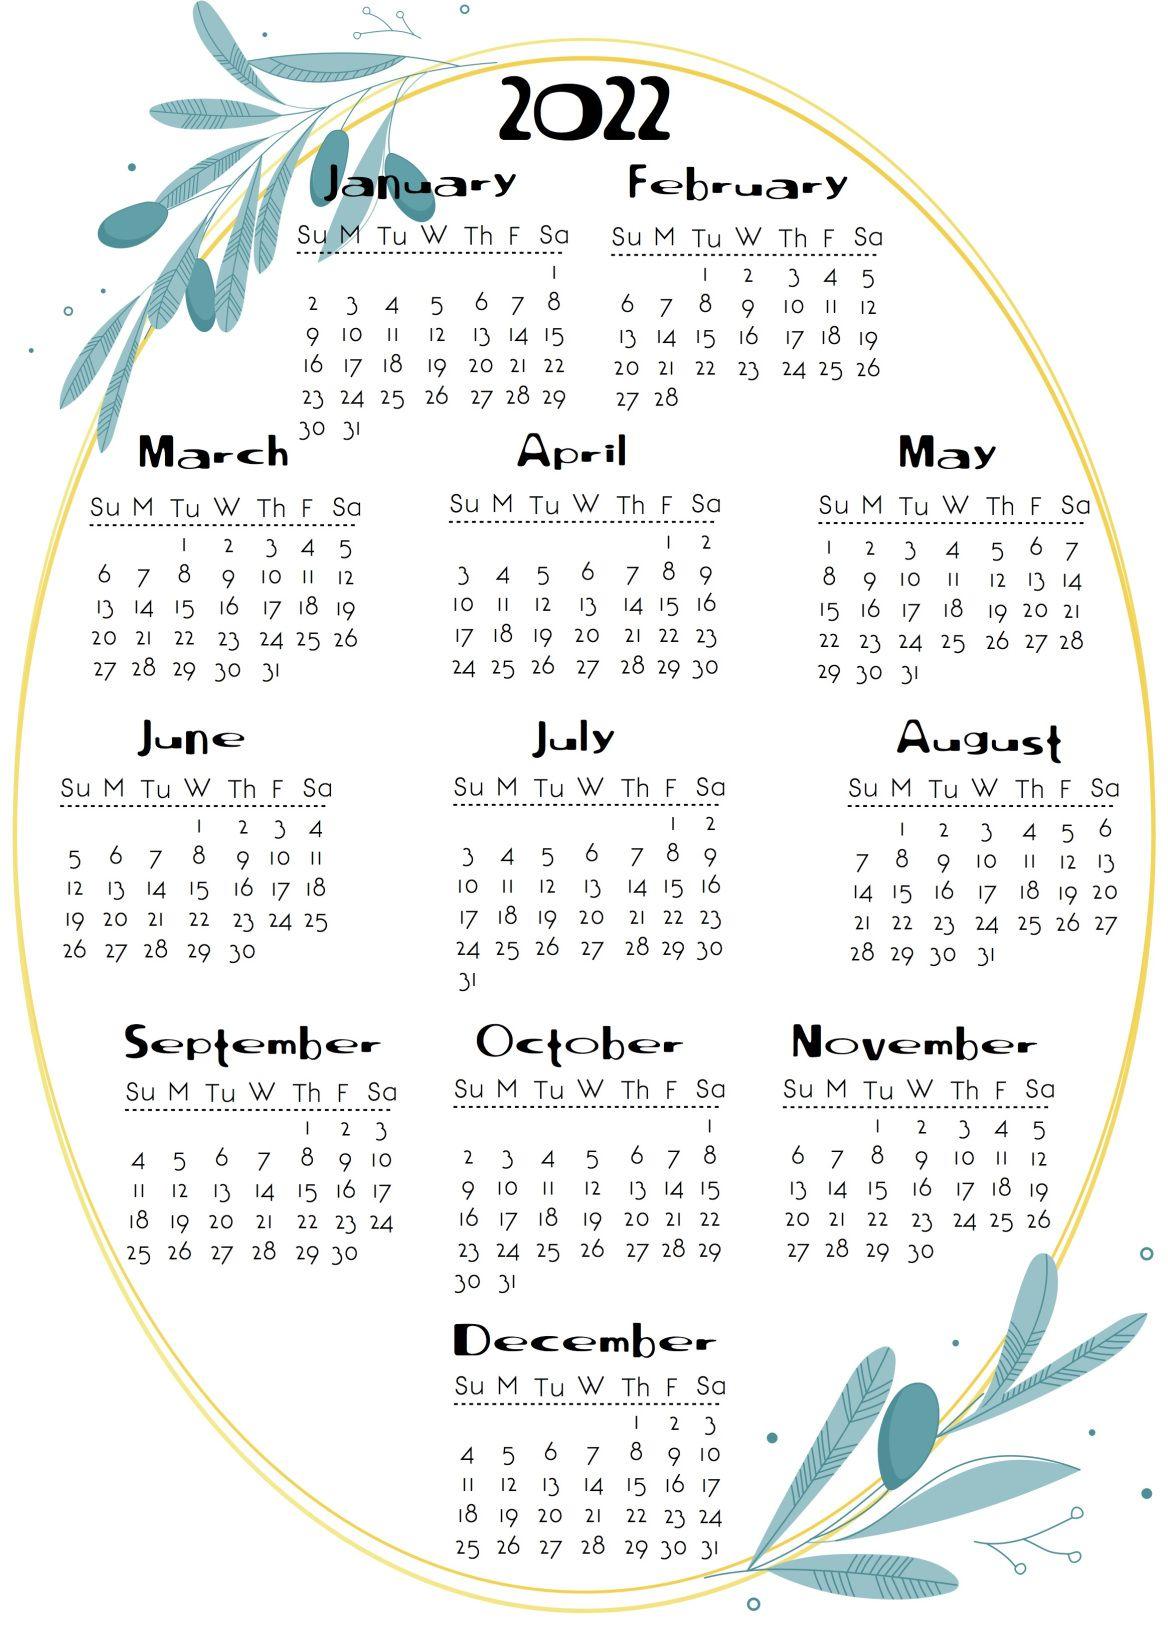 Cute Calendar 2022.2020 To 2022 Calendar Onesheets Calendar Print Calendar Calendar Printables